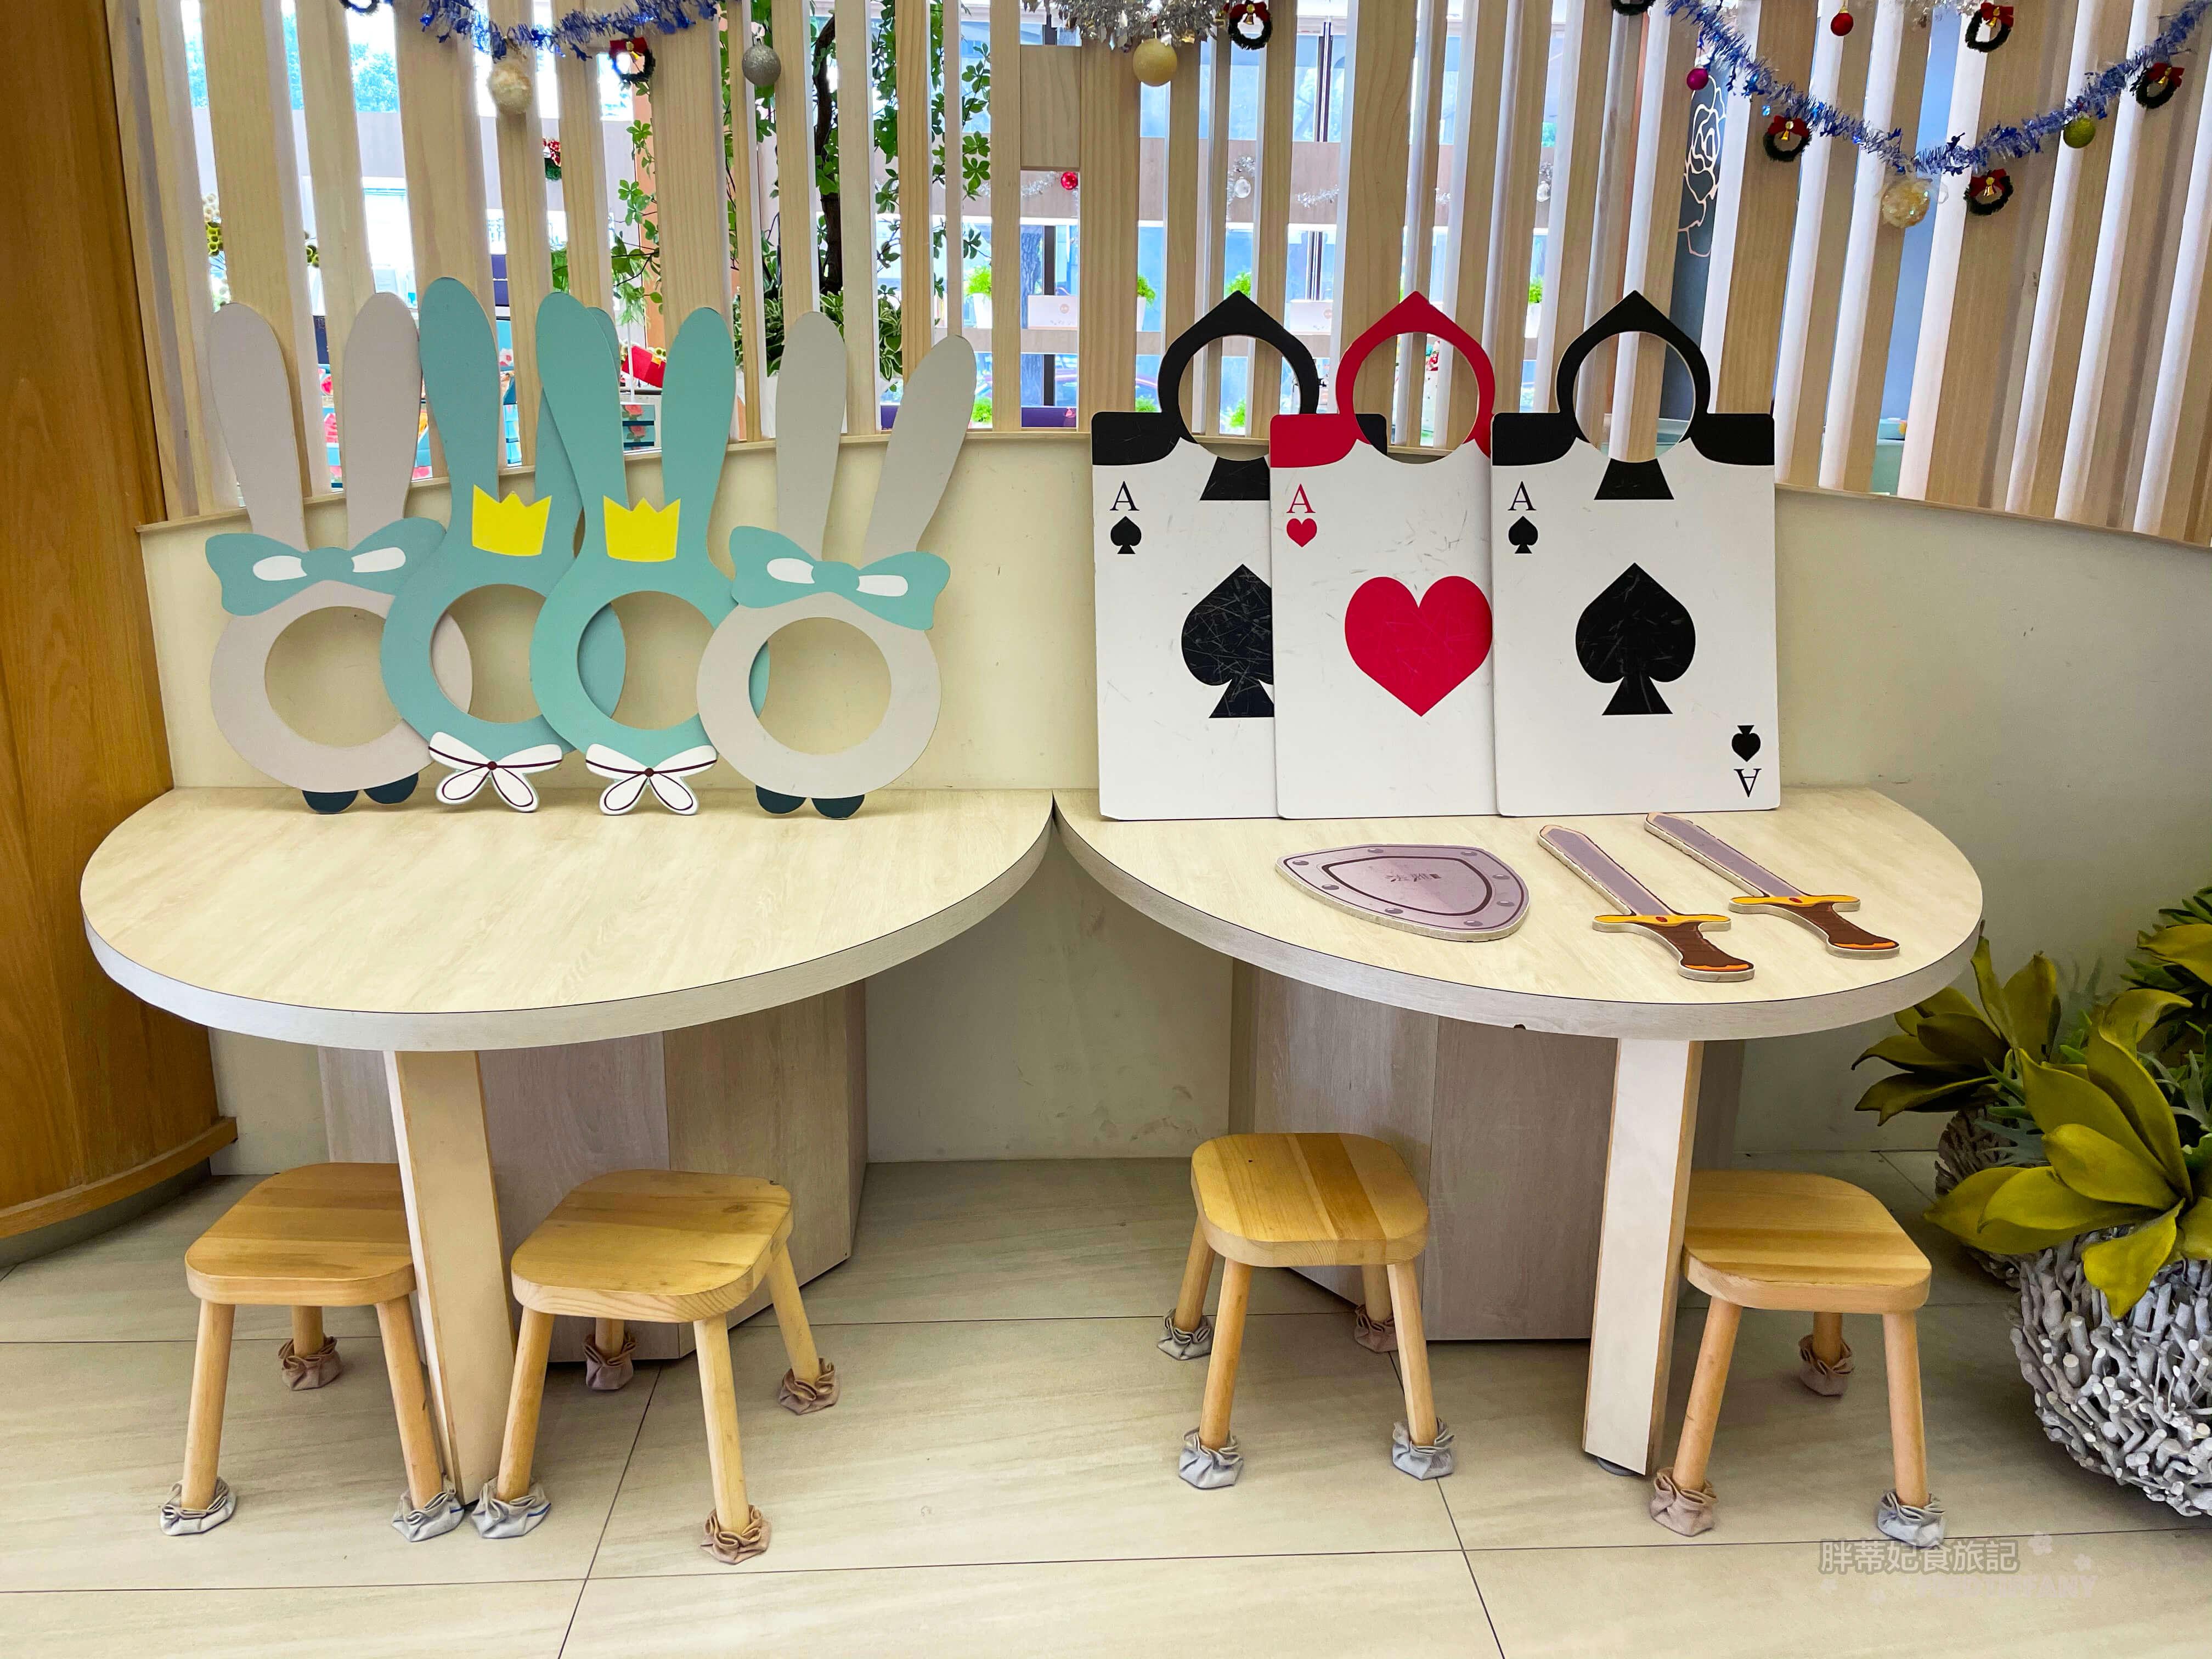 法雅餐廳 孩子遊戲棲息處